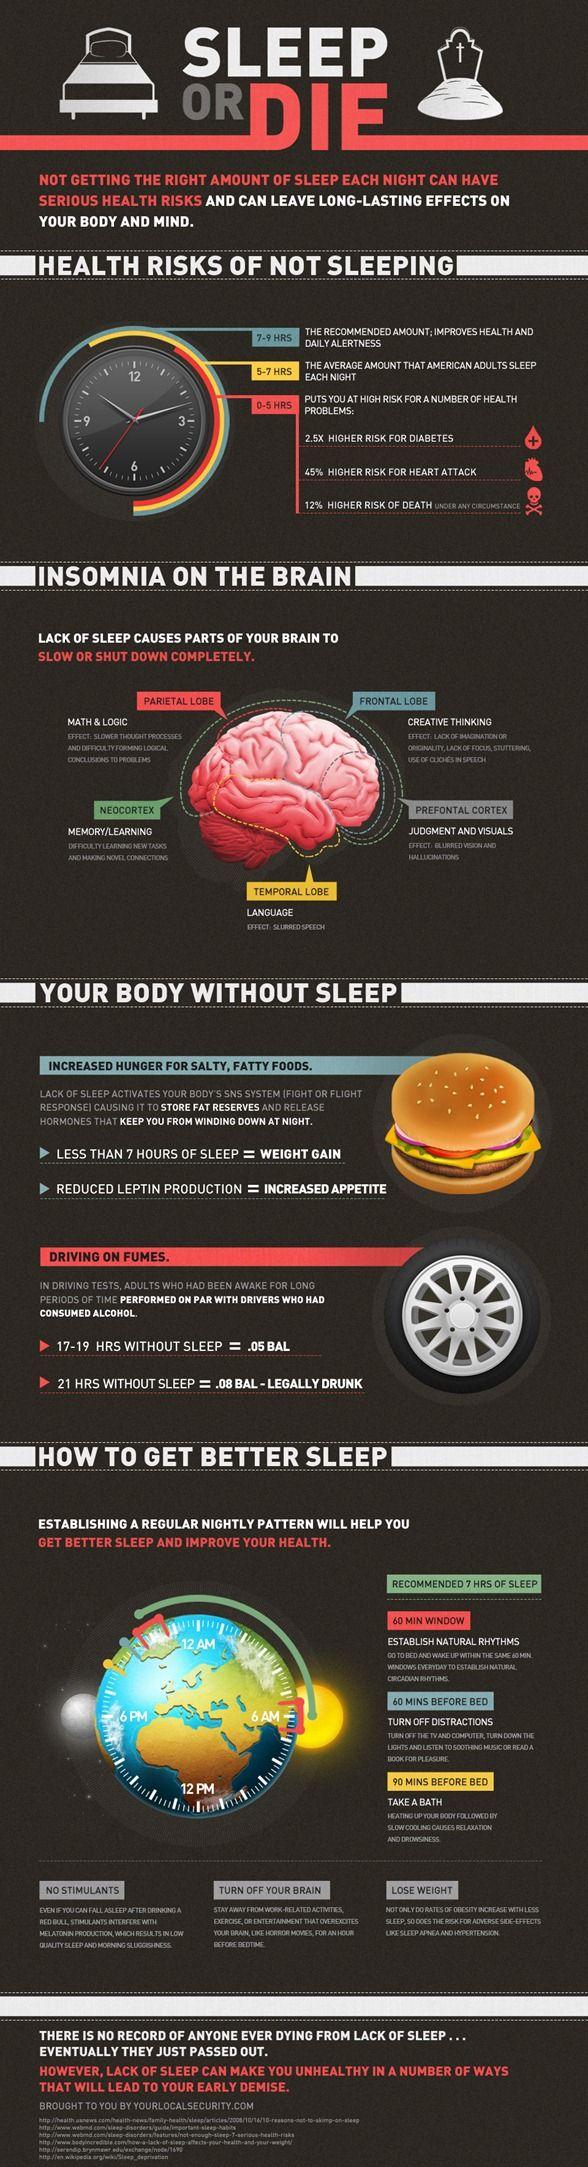 sleep die